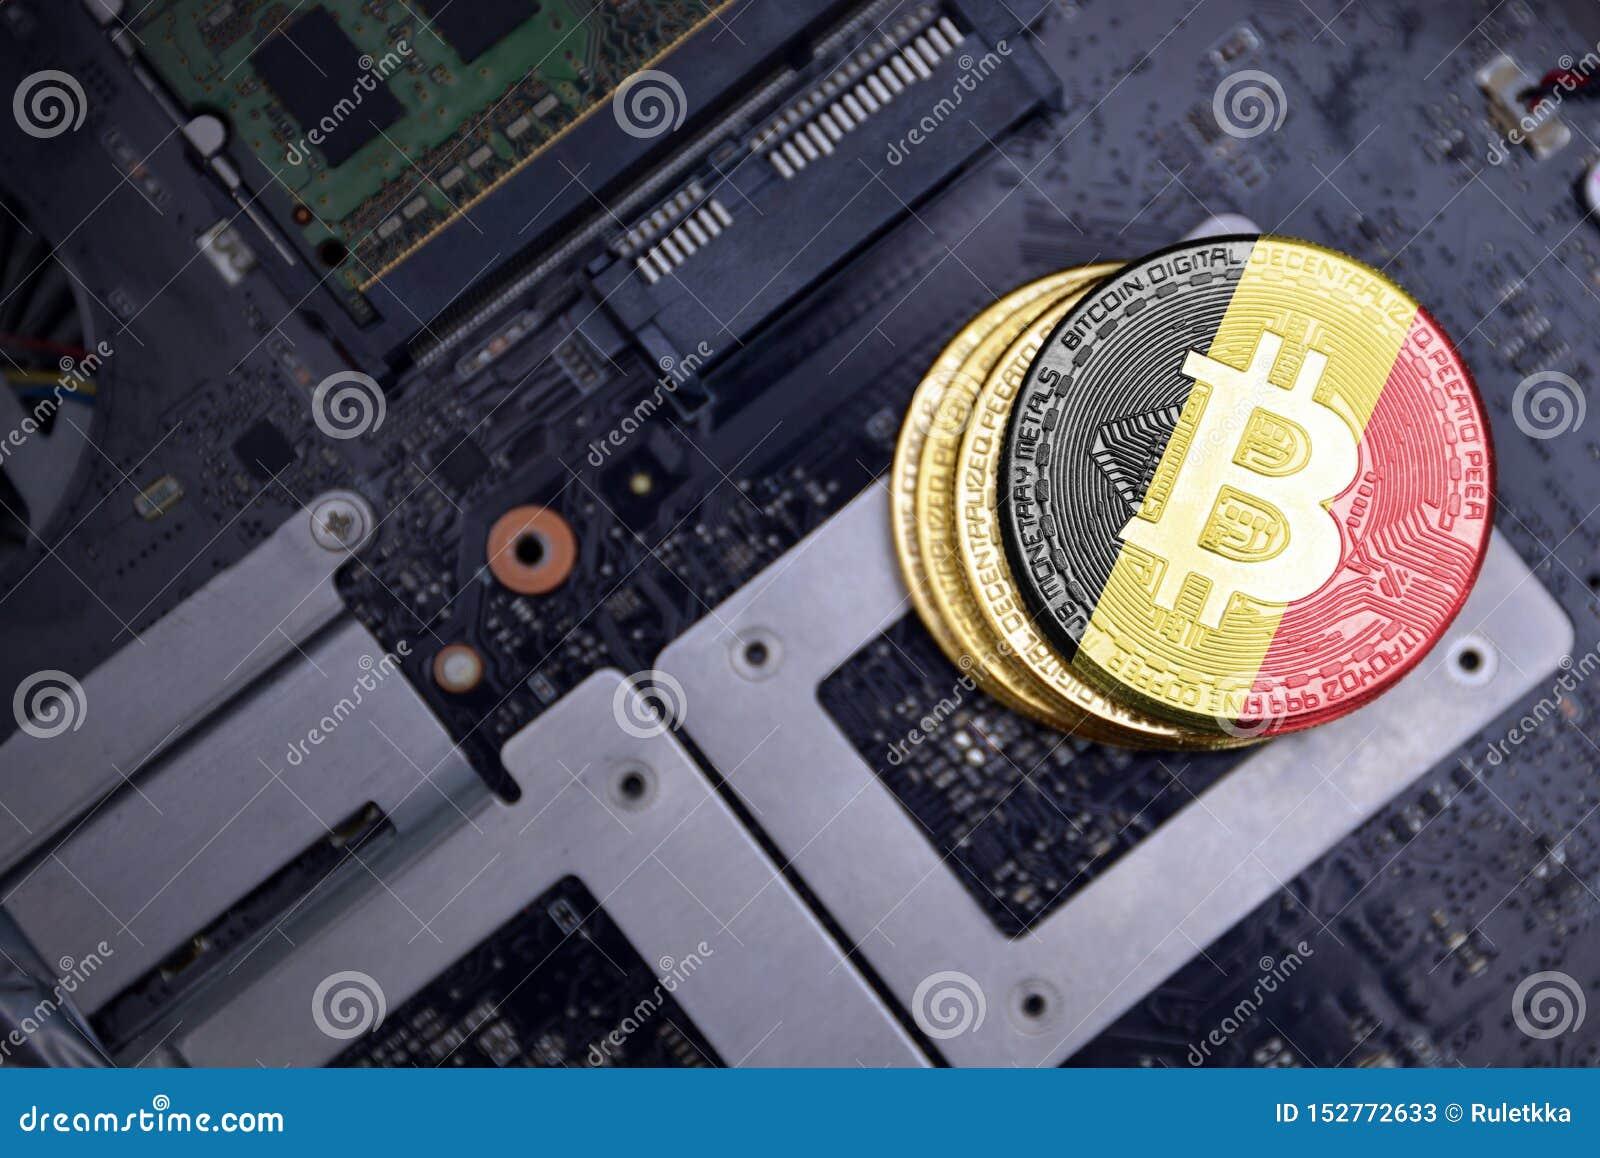 btc belgia cum să investești în miniere bitcoin